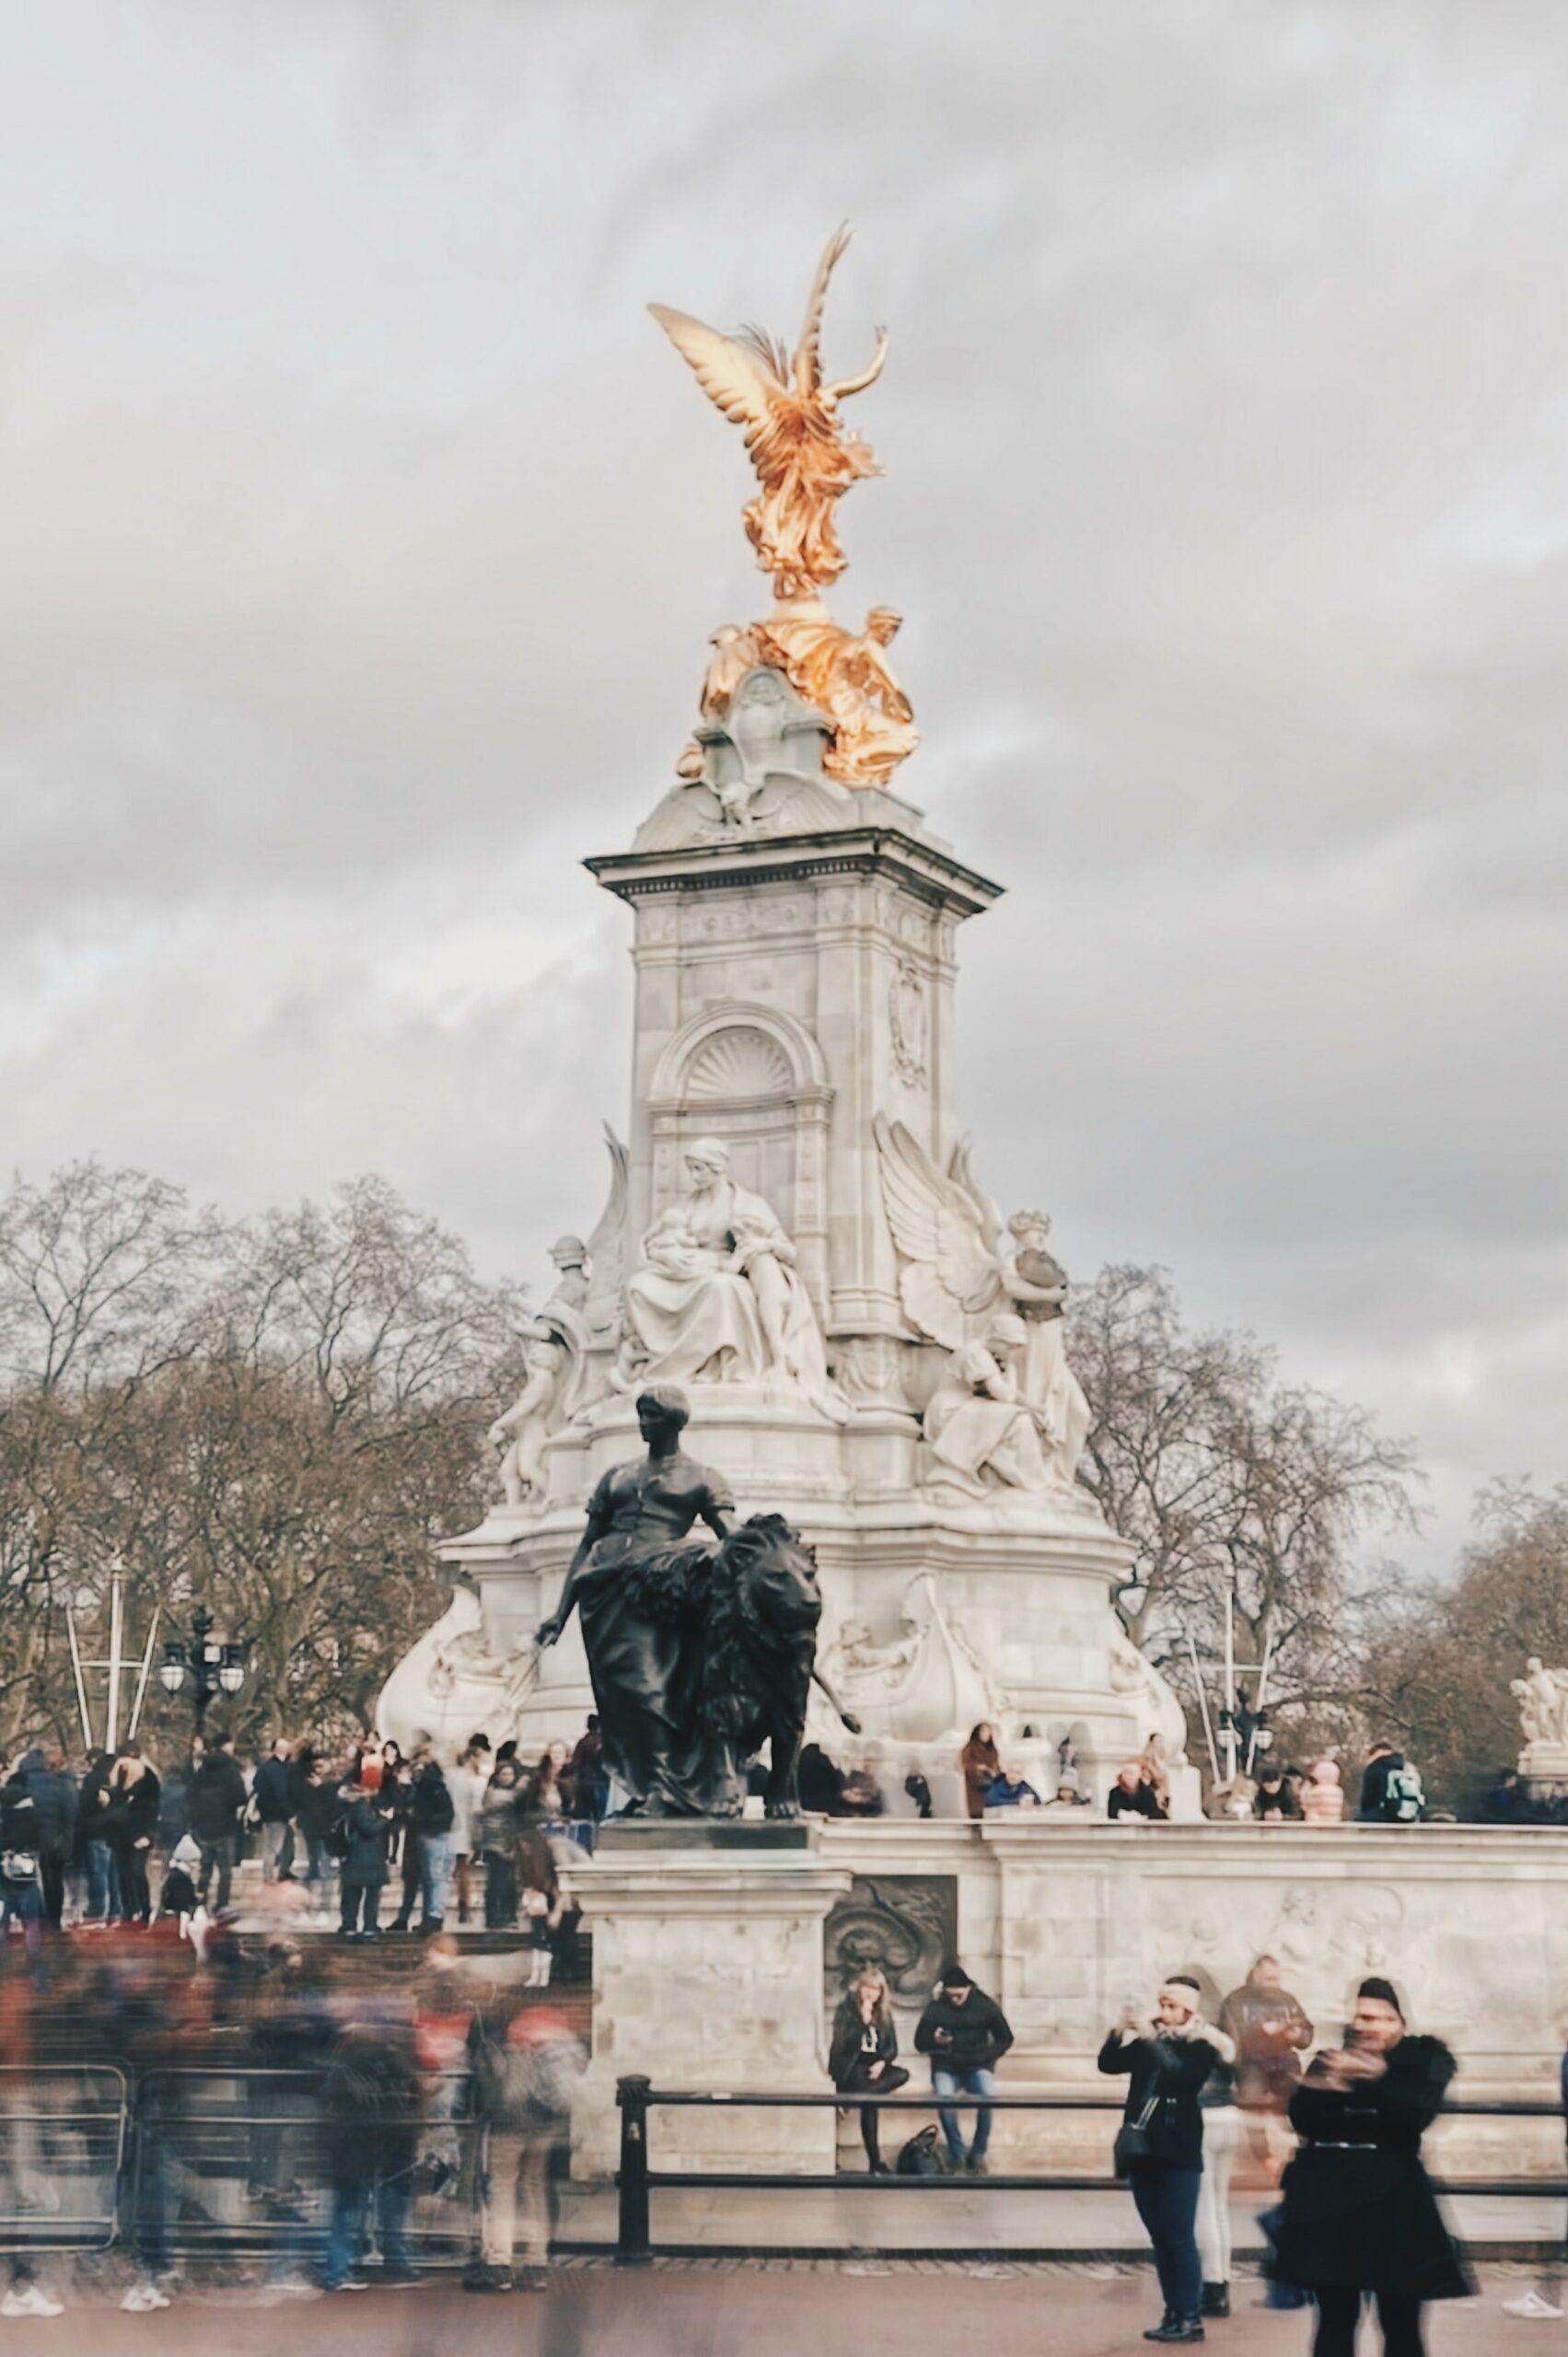 Victoria Memorial London Steckbrief – Geschichte, Finanzierung und Bau